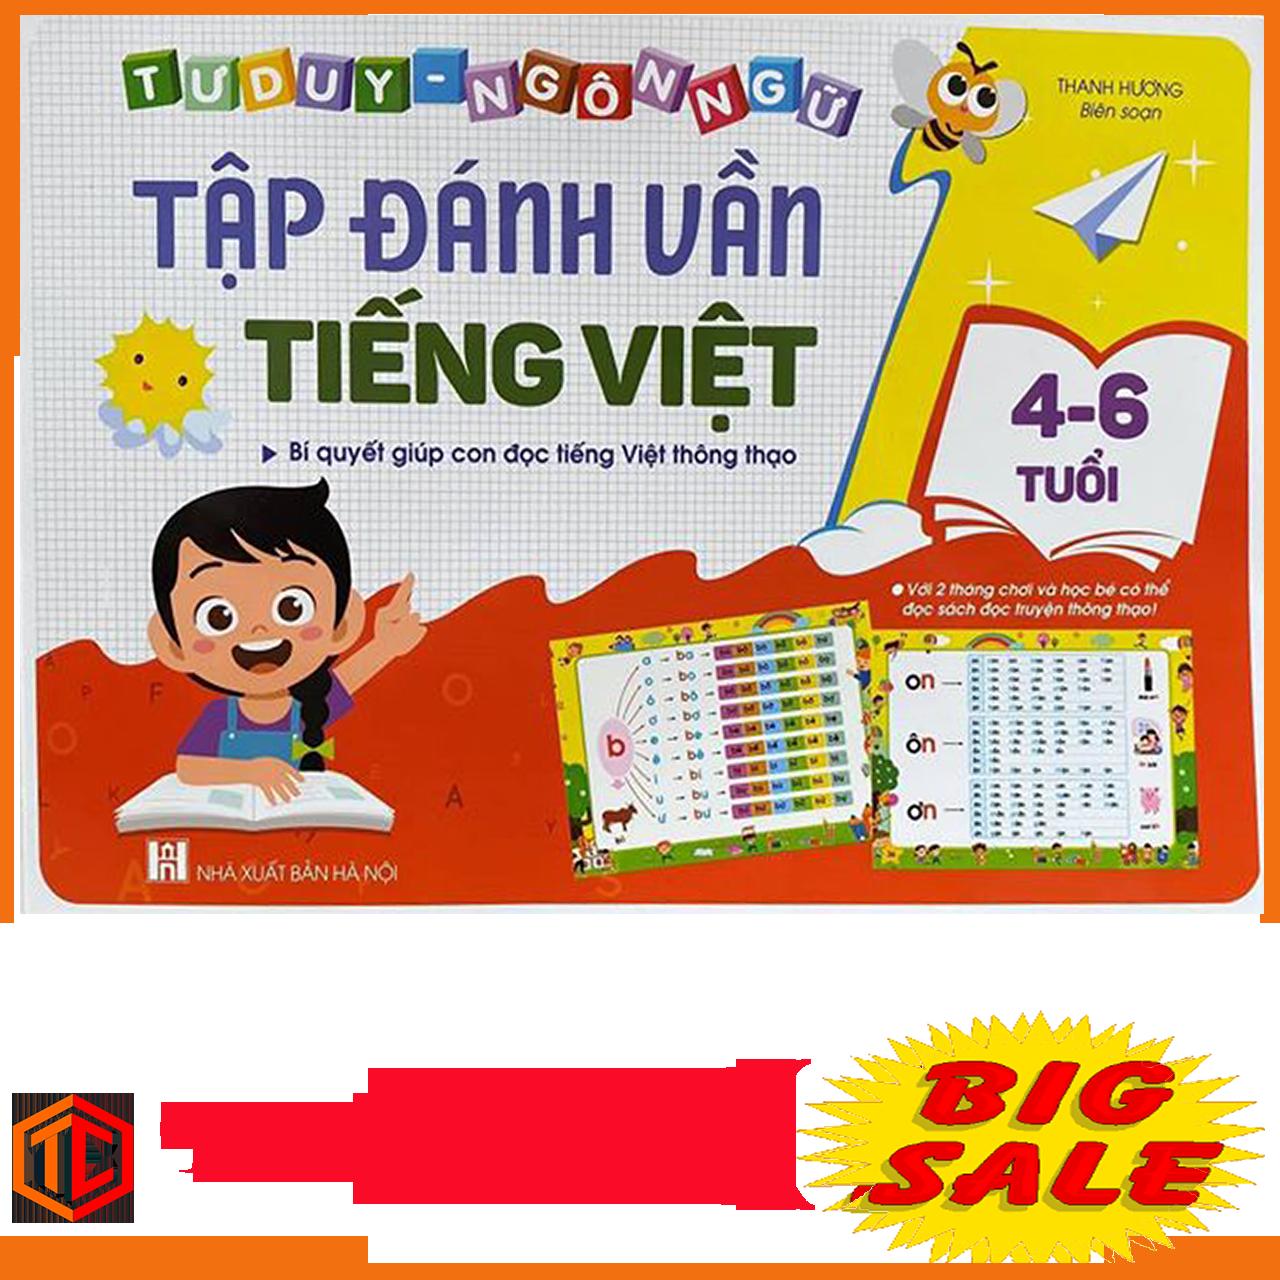 Tập Đánh Vần Tiếng Việt Giúp Bé Biết Ghép Vần Thành Thạo và Làm Quen Chữ Cái Nhanh Chóng, Hiệu Quả